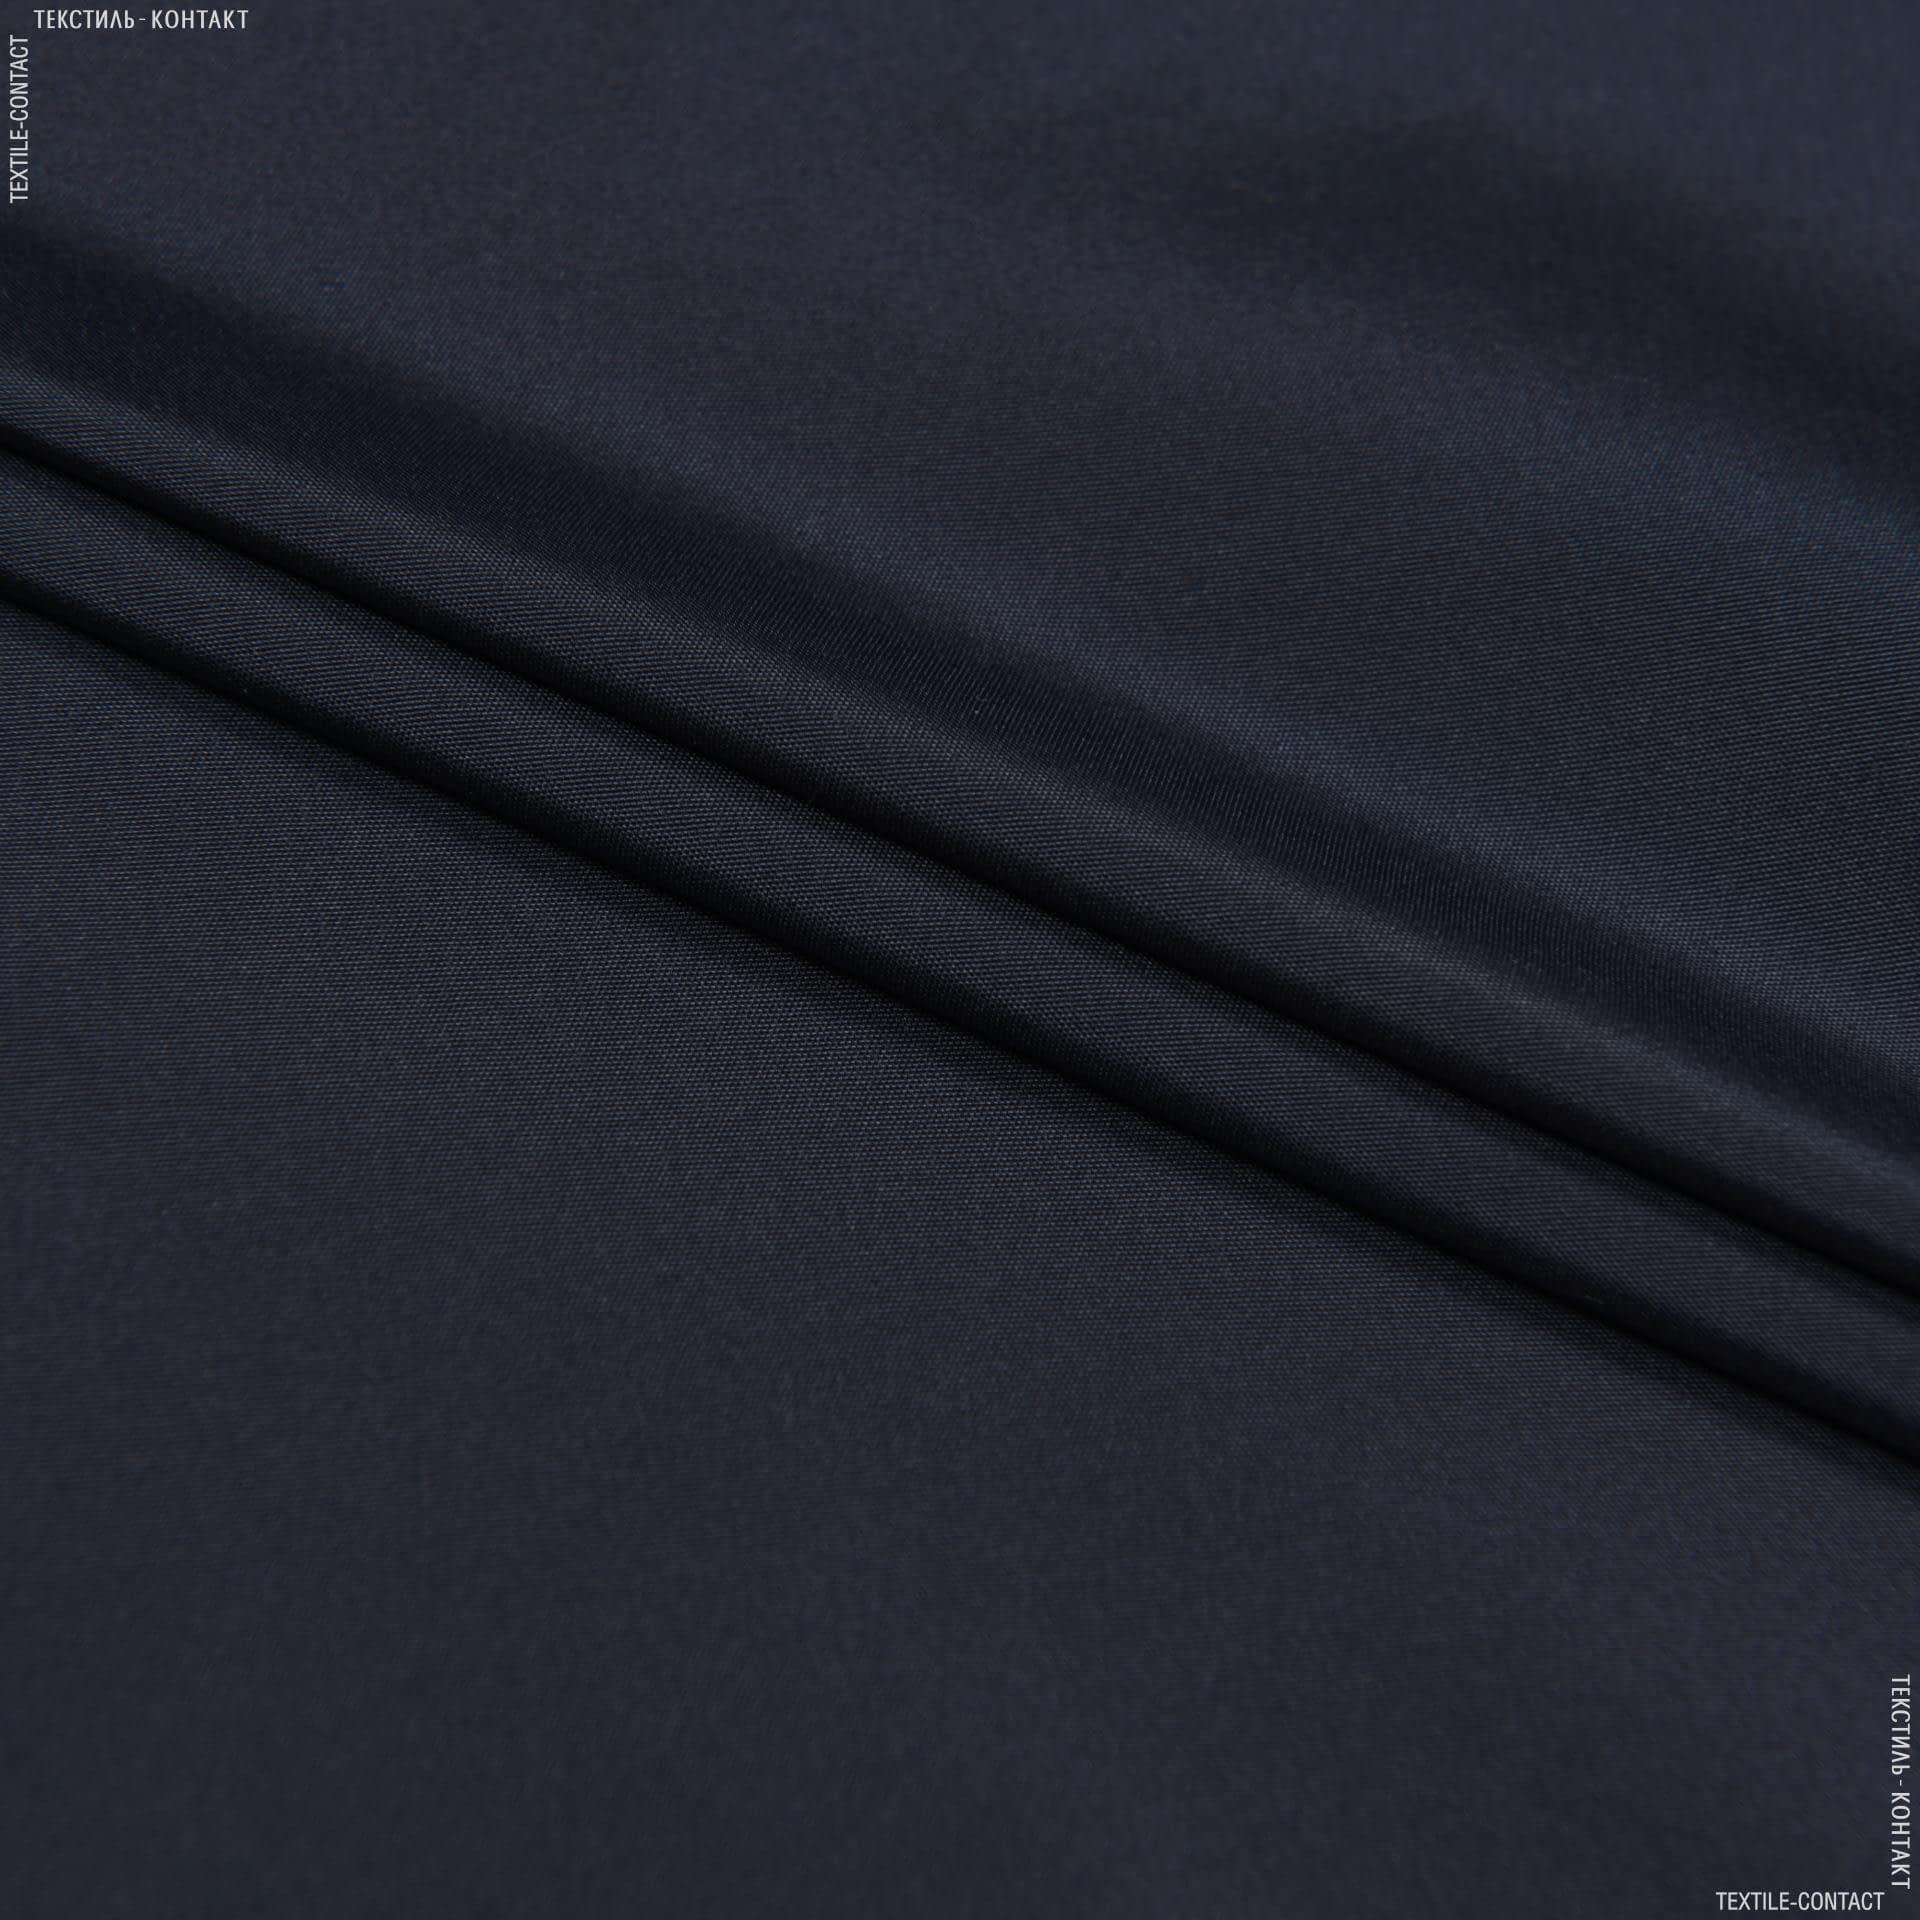 Тканини для верхнього одягу - Вікторія плащова темно-синій